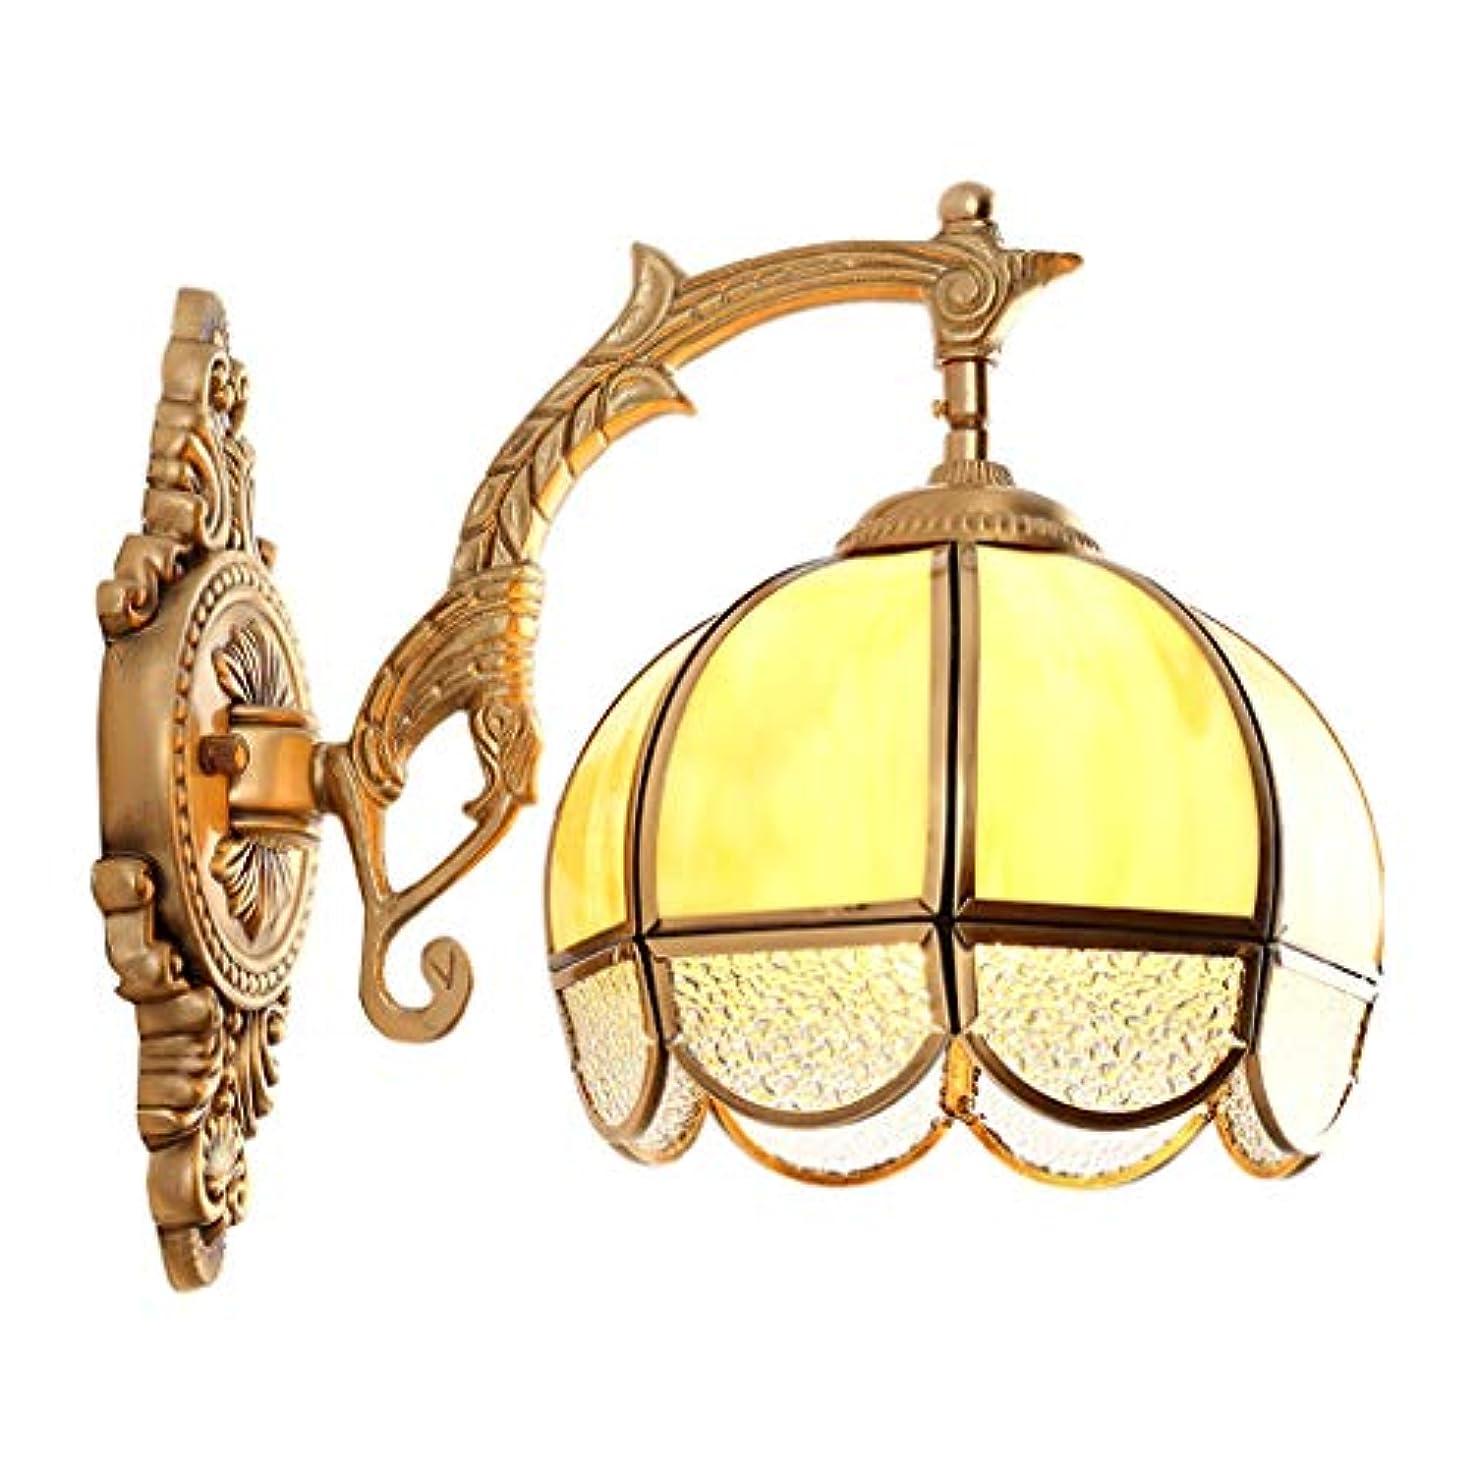 違反するハンバーガーインポートフル銅ウォールライト、ヨーロッパの通路壁ランプ寝室の装飾通路ベッドサイドの照明器具リビングルームの背景壁ライト、暖かい白